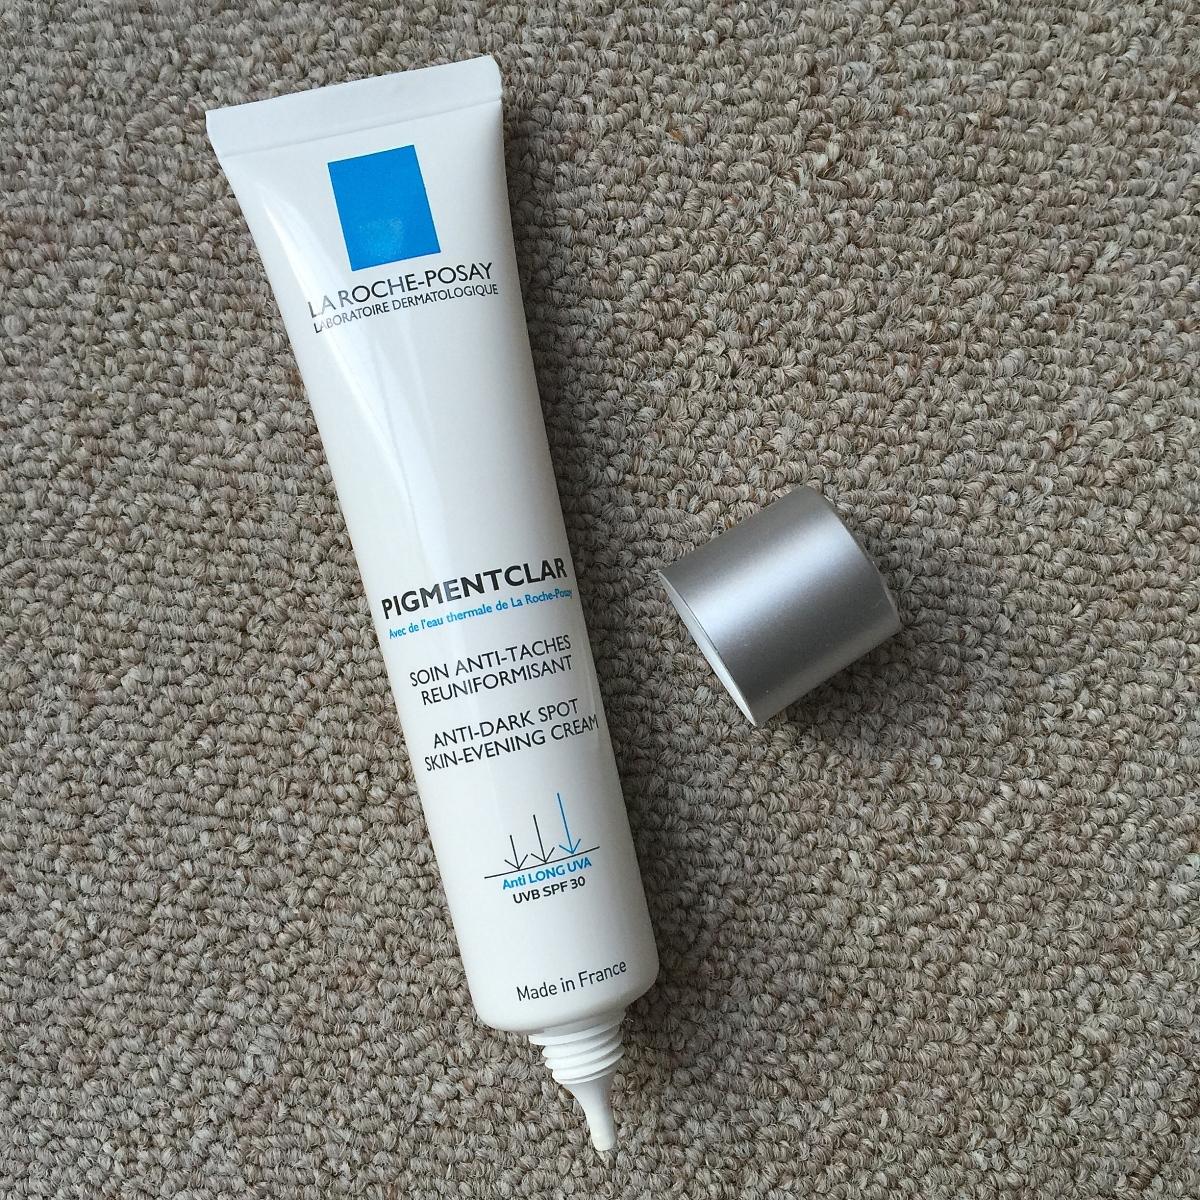 Para un tono de piel mas uniforme, llegó Pigmentclar UV SPF30